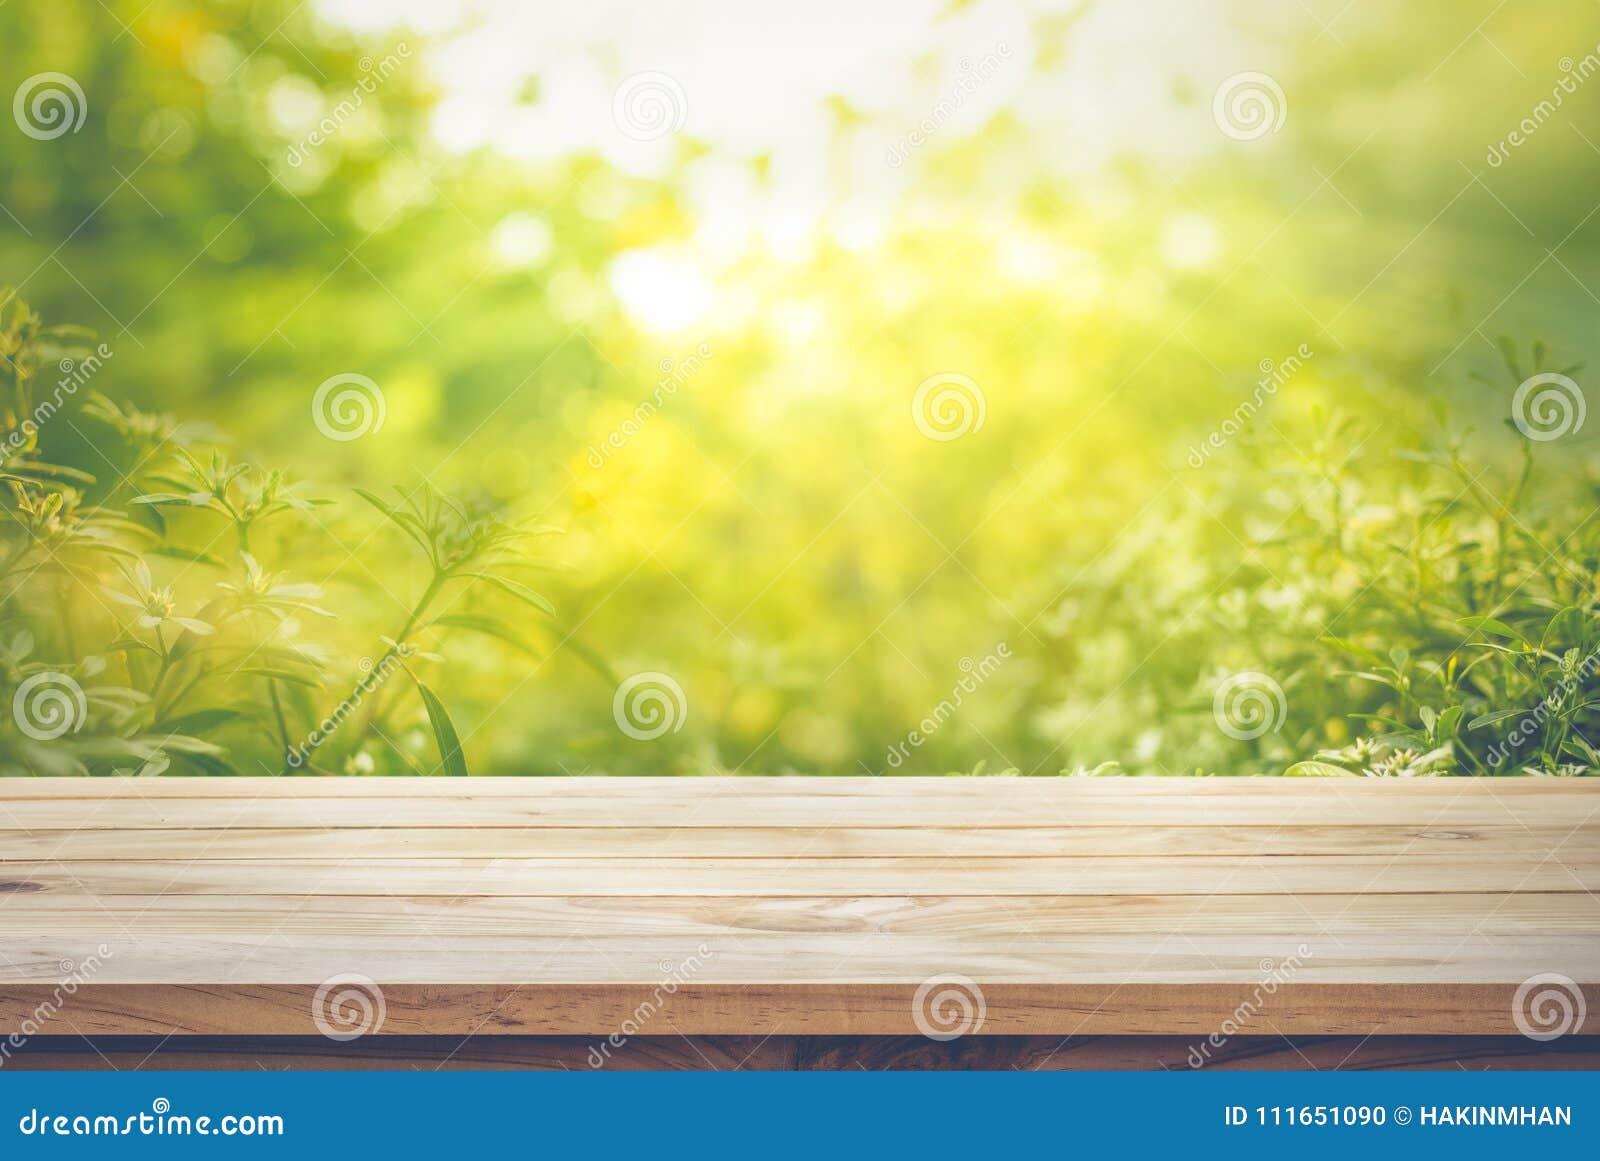 Esvazie do tampo da mesa de madeira no borrão do sumário verde fresco do jardim